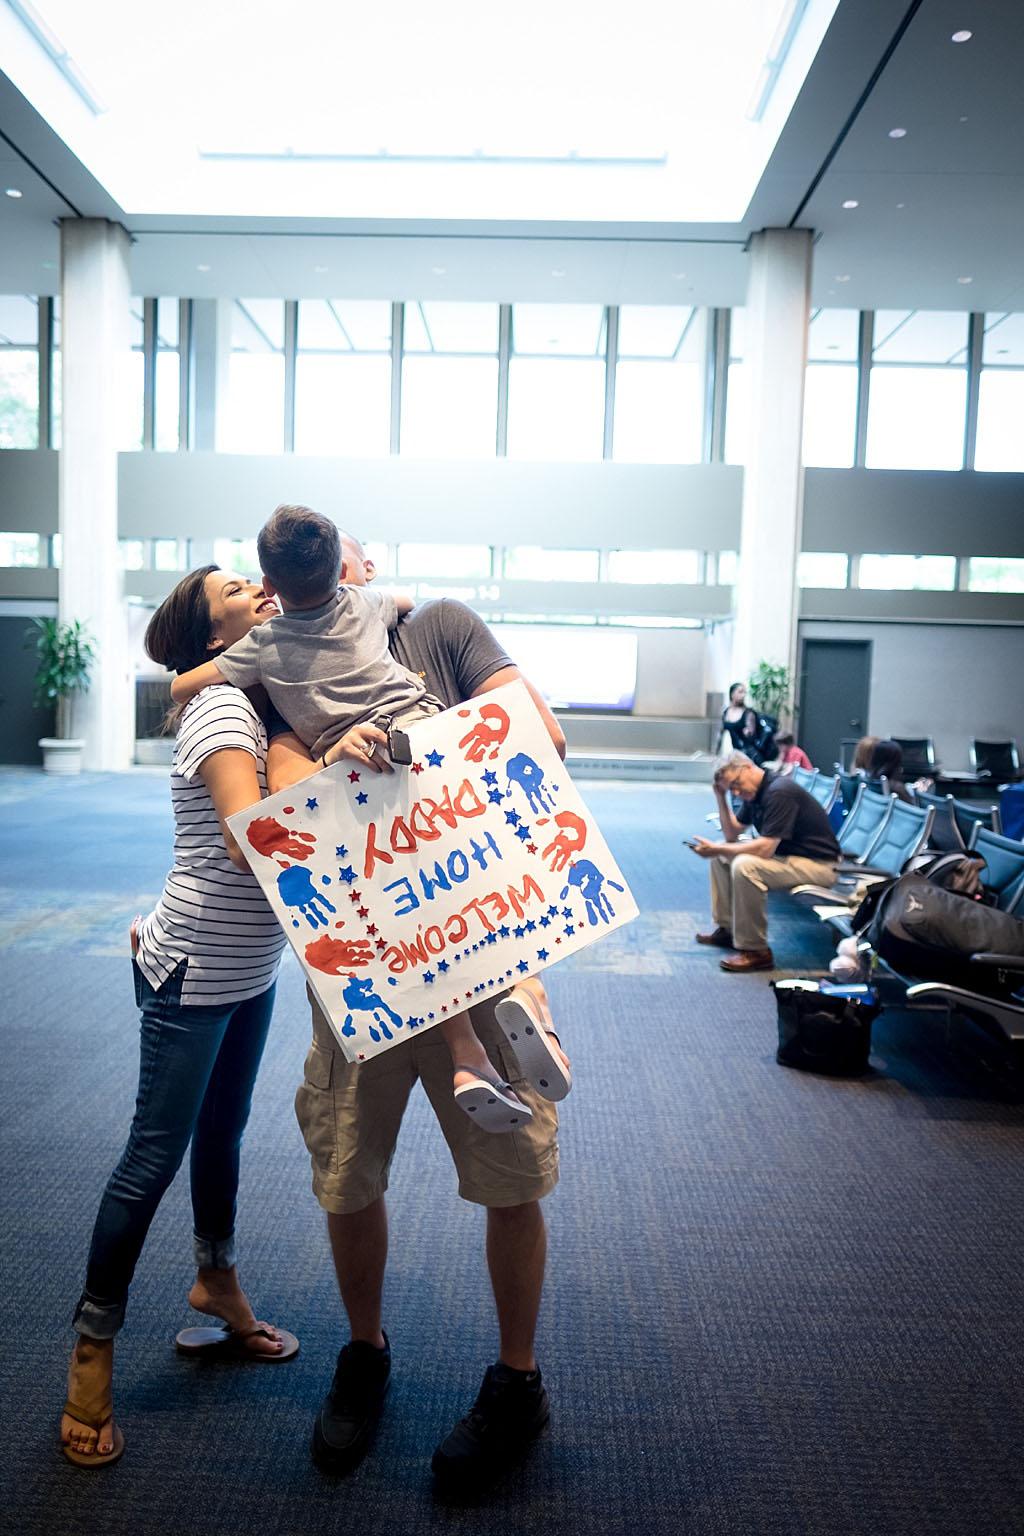 norfolk_airport_homecoming.jpg